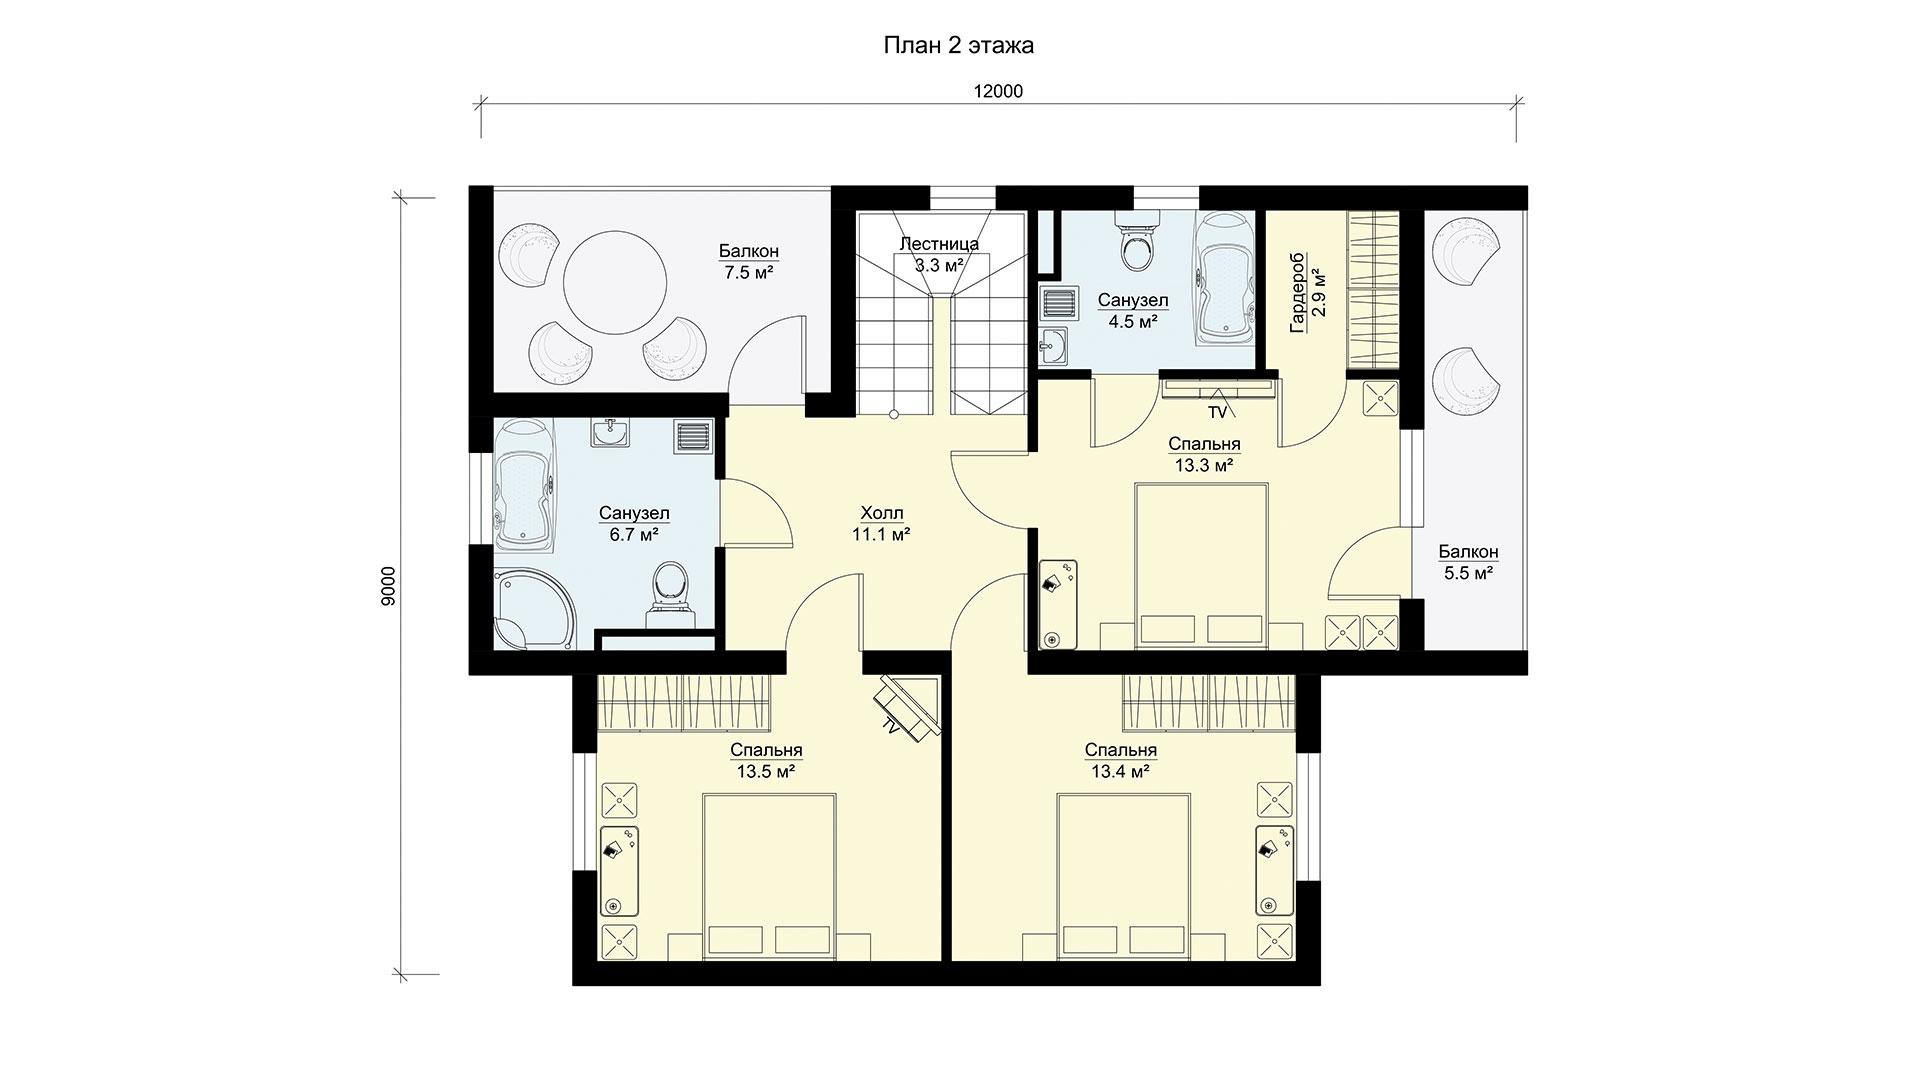 План второго этажа двухэтажного коттеджа МС-202/2 в коттеджном поселке Берег Песочной в Московской области в Истринском районе.